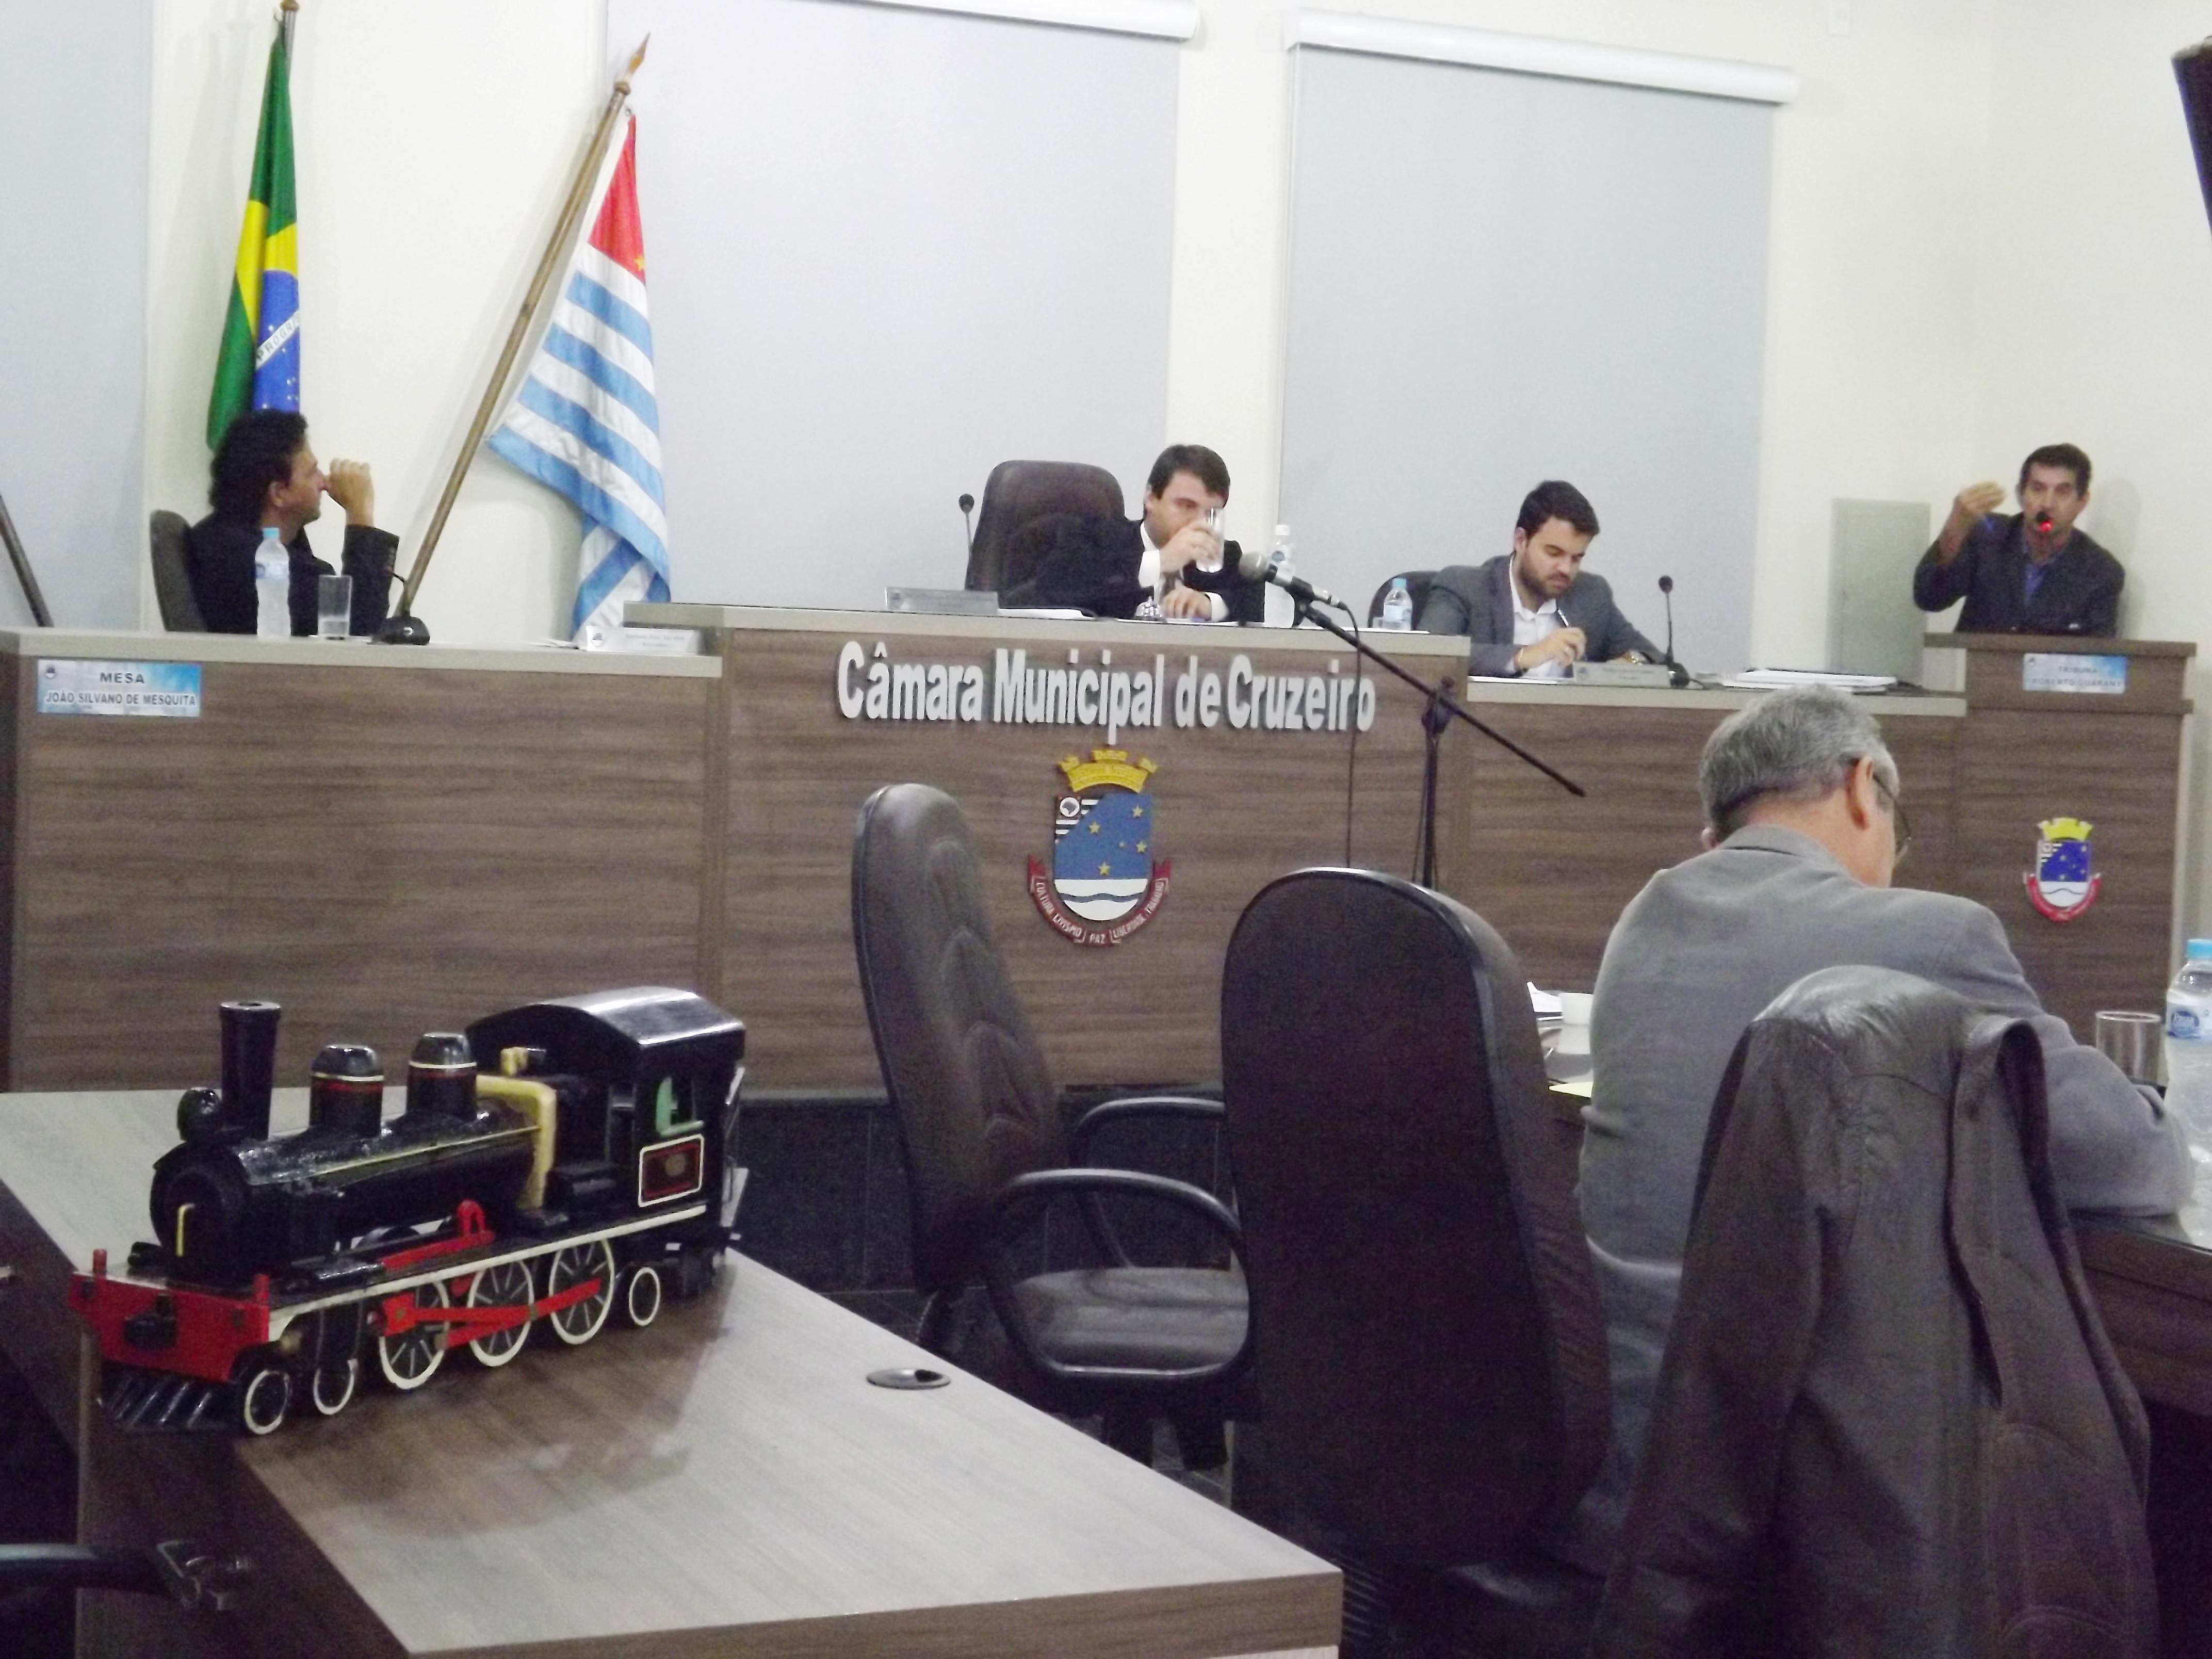 Vereador Sergio Antonio explana, na tribuna da Câmara, projeto de parceria com MRS para execução do novo CRAS na cidade (Foto: Francisco Assis)